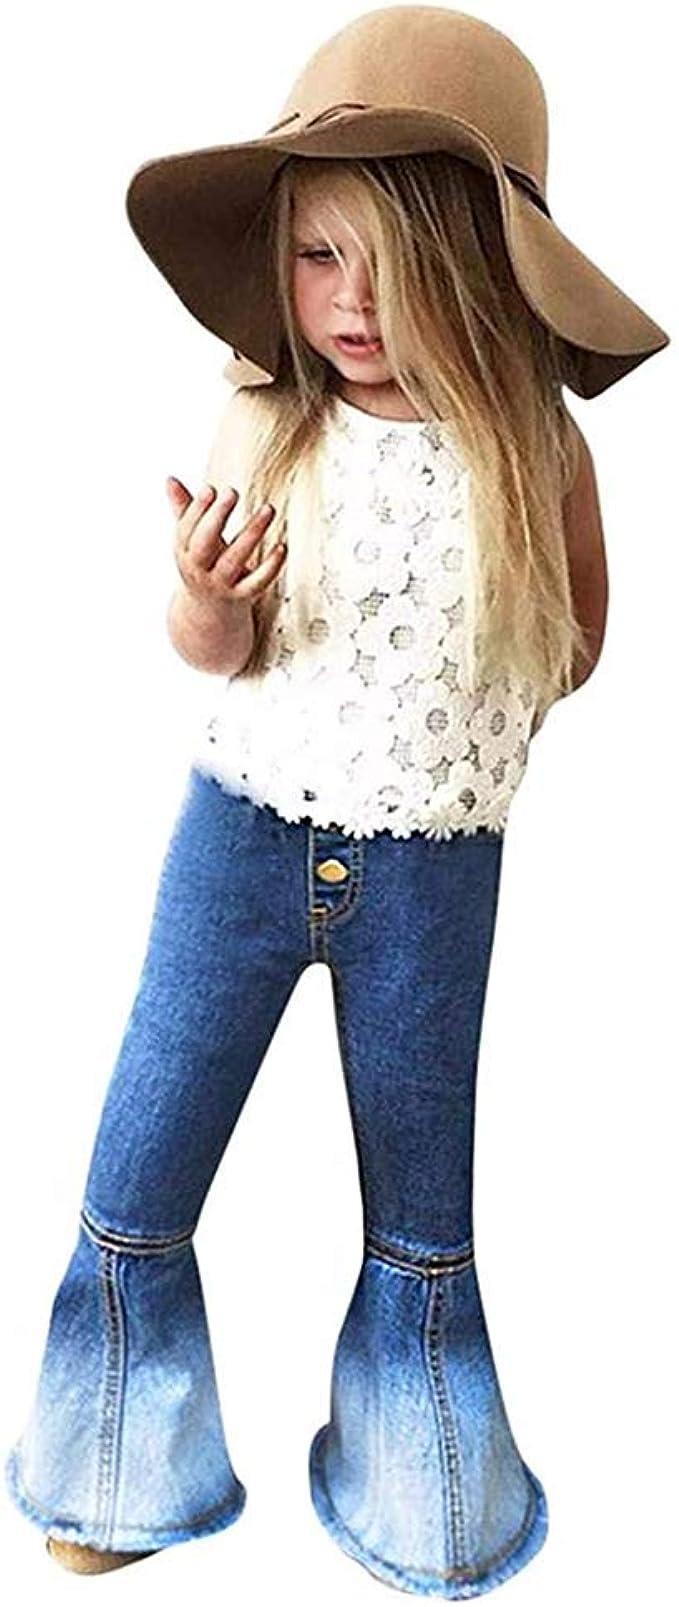 60s 70s Kids Costumes & Clothing Girls & Boys MODNTOGA Little Girls Vintage Jeans Bell-Bottoms Denim Pants Skinny Pants 2-6T $15.99 AT vintagedancer.com